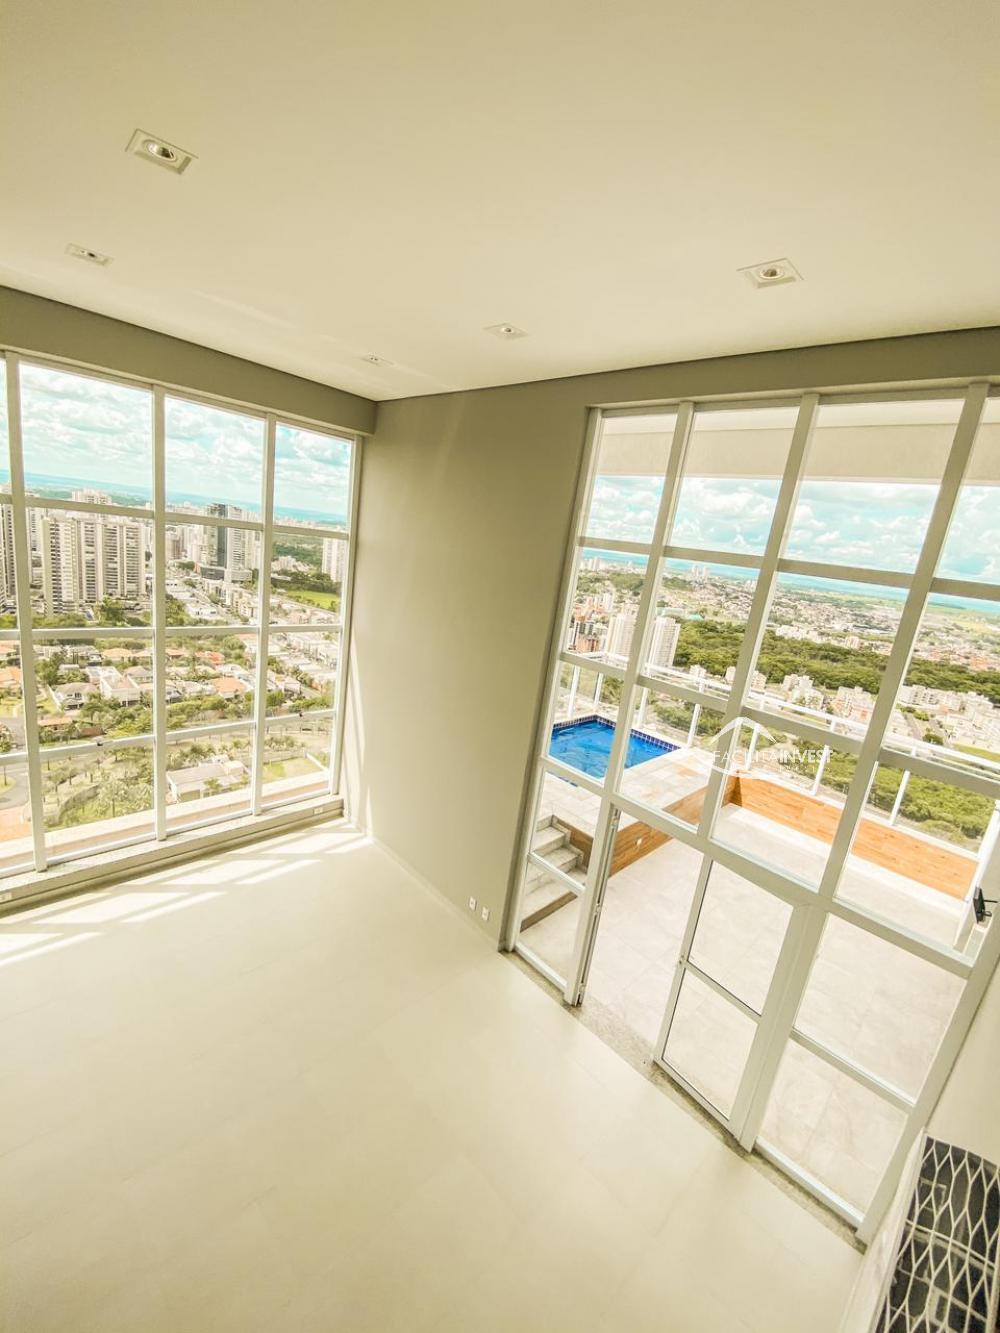 Comprar Apartamentos / Cobertura em Ribeirão Preto R$ 2.350.000,00 - Foto 3